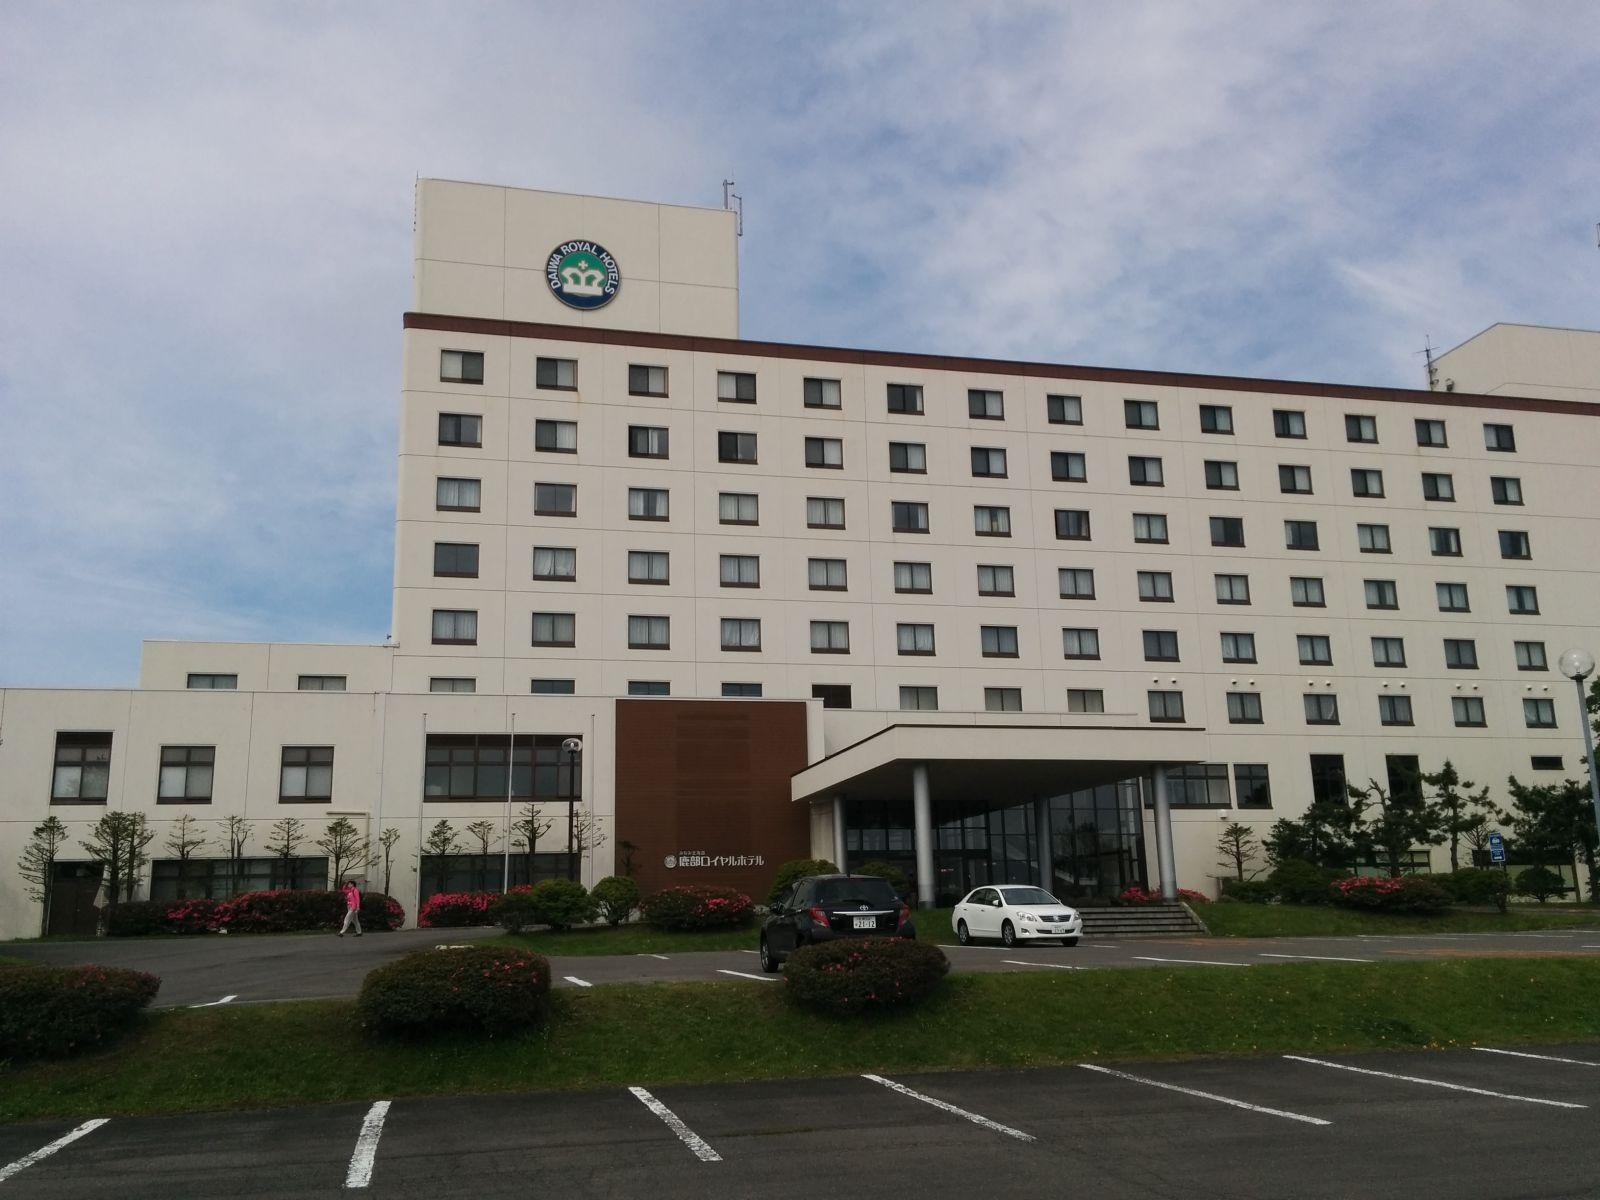 【鹿部町】鹿部ロイヤルホテル観光タクシー